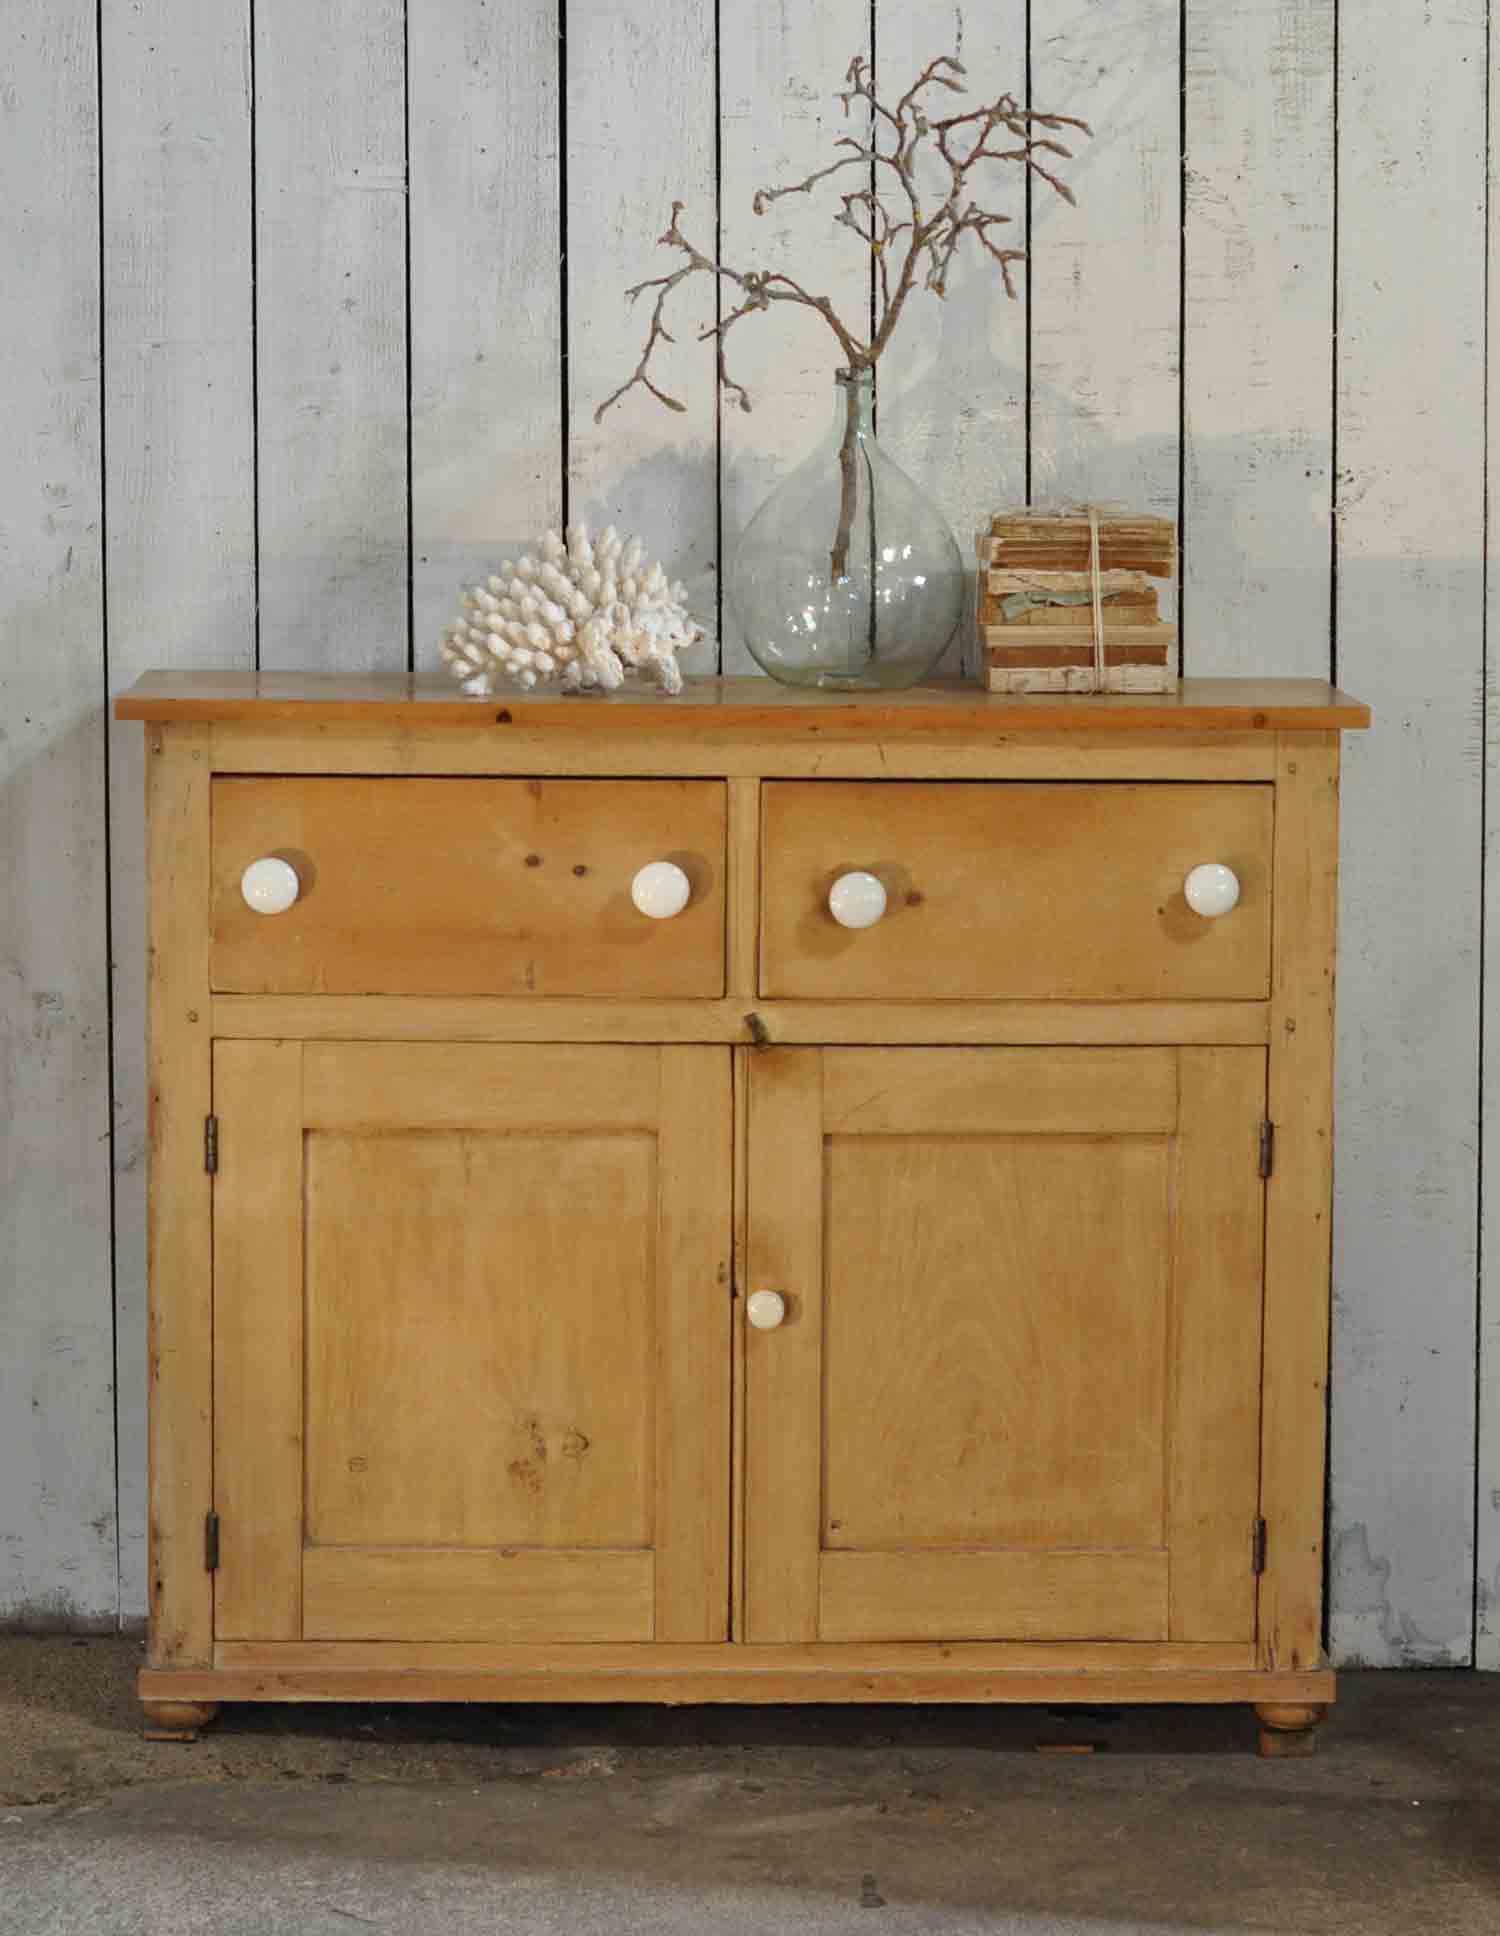 Pine Cabinet Doors Pine School Cabinet Two Drawers Over Two Cupboard Doors